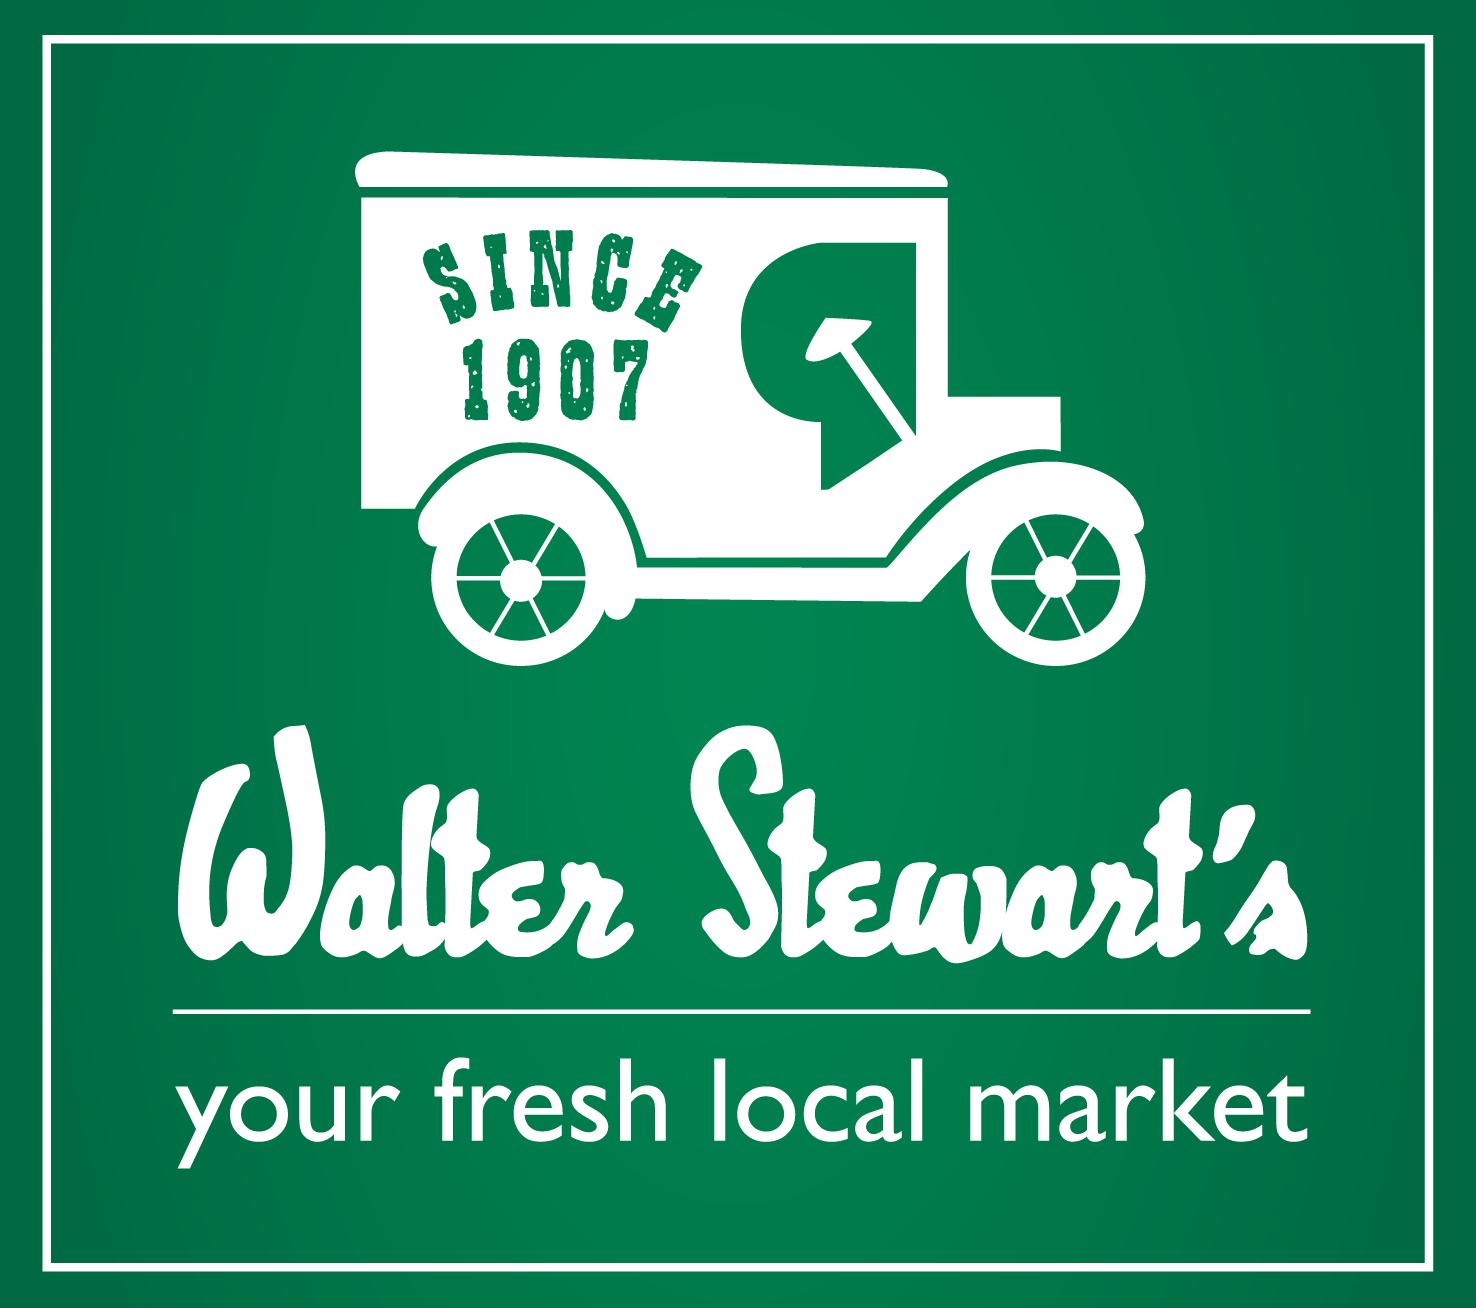 Walter Stewart's market Coupon